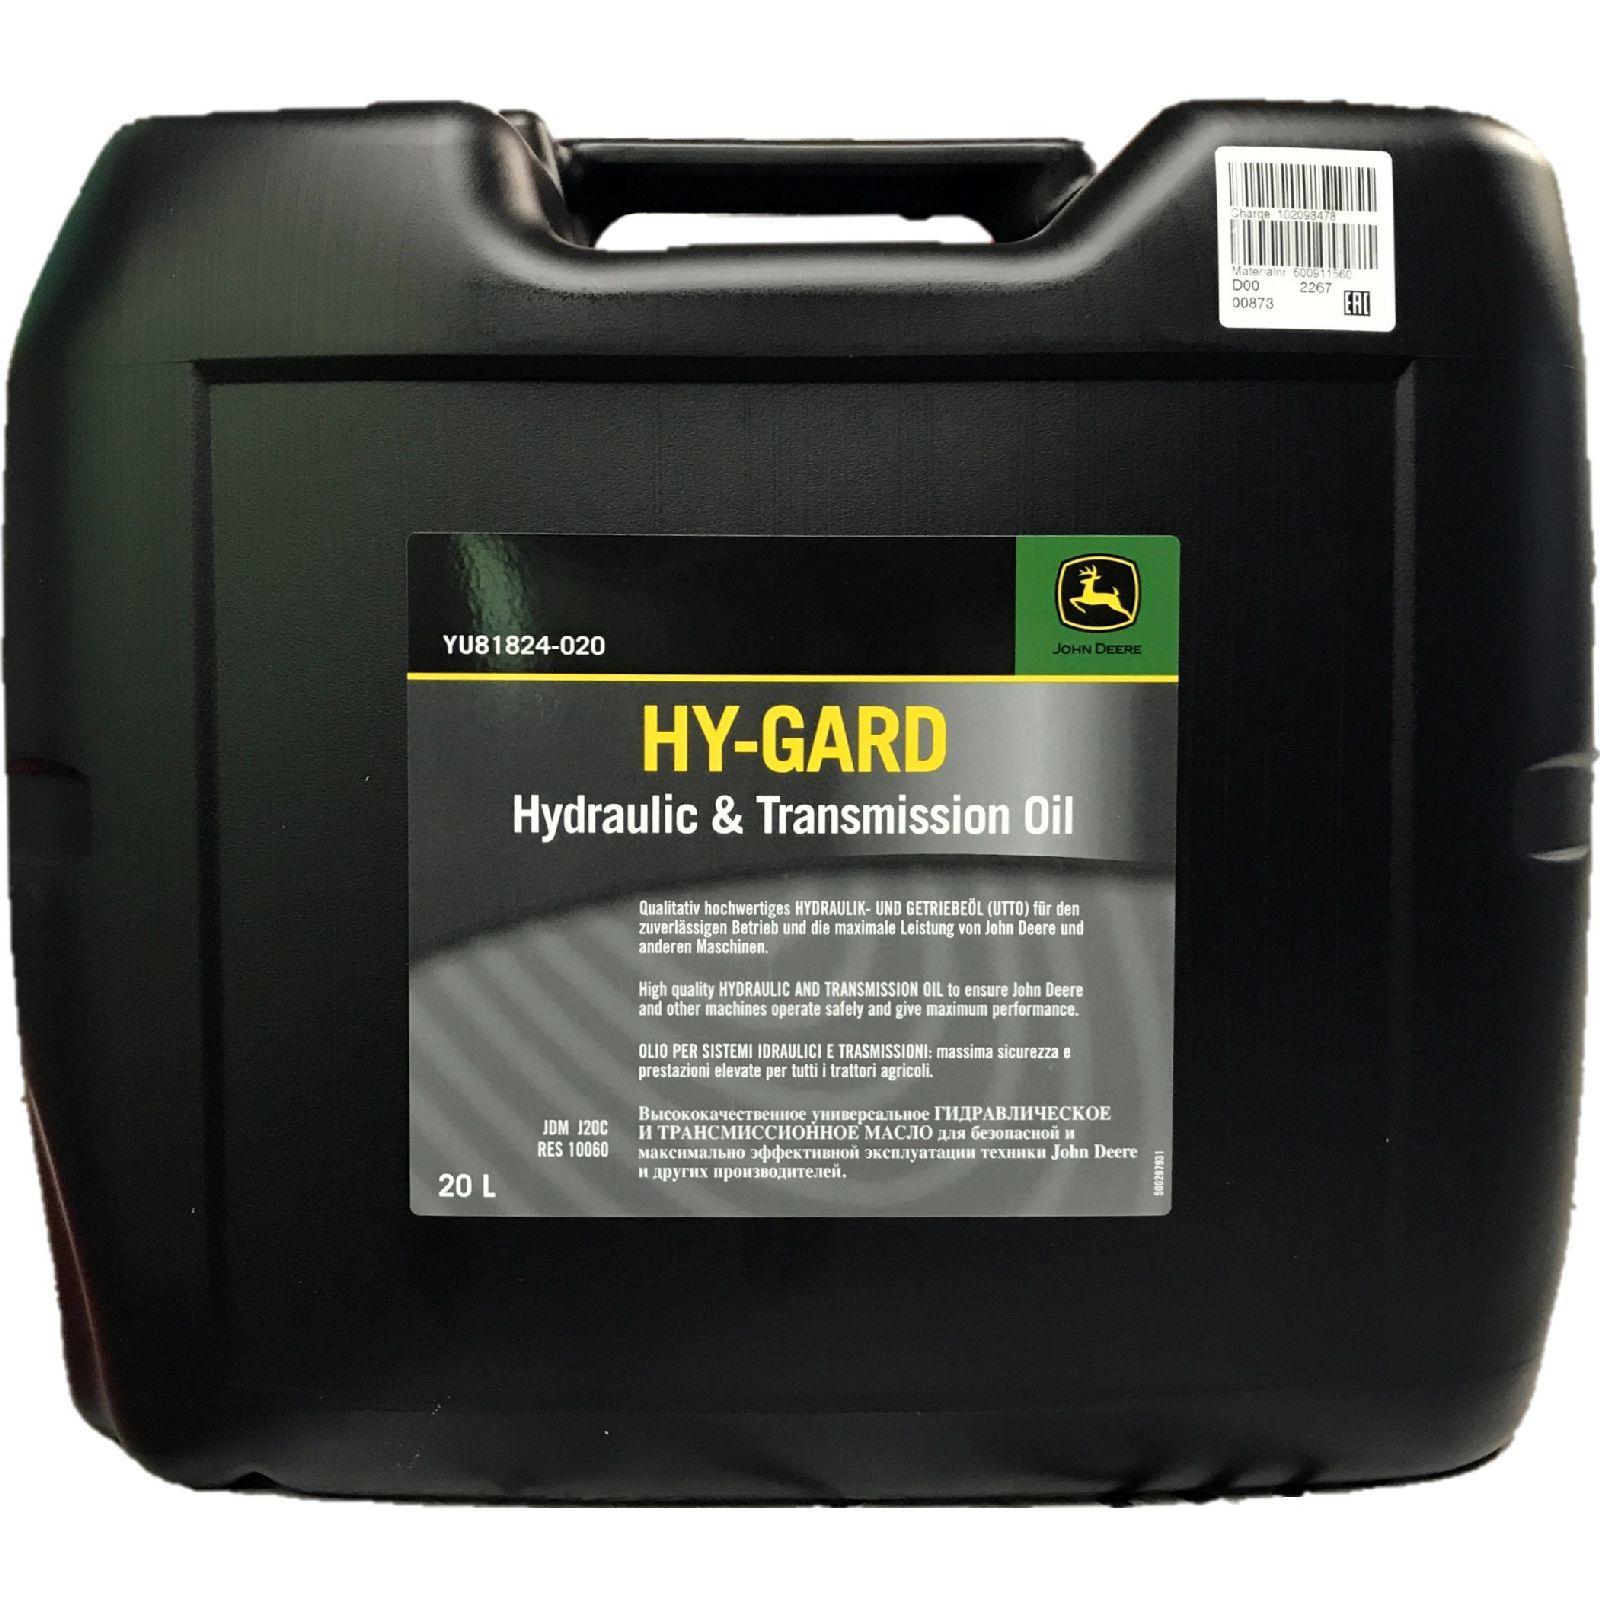 20 Liter John Deere Hy-Gard Getriebe- und Hydrauliköl (UTTO)